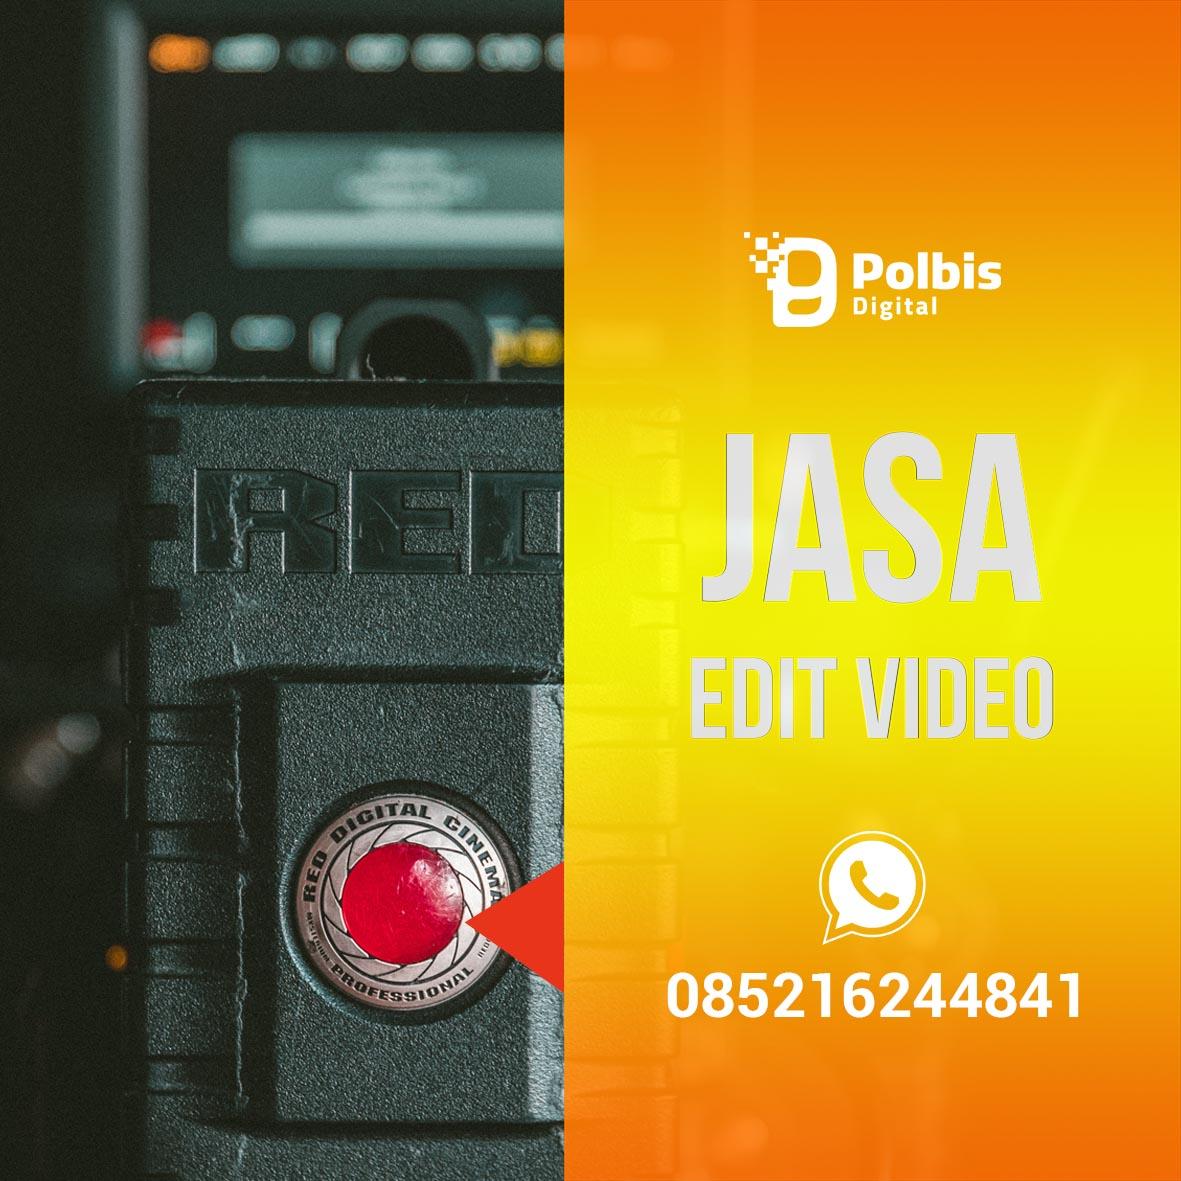 JASA EDIT VIDEO MURAH DAN BERKUALITAS DI PROVINSI DKI JAKARTA